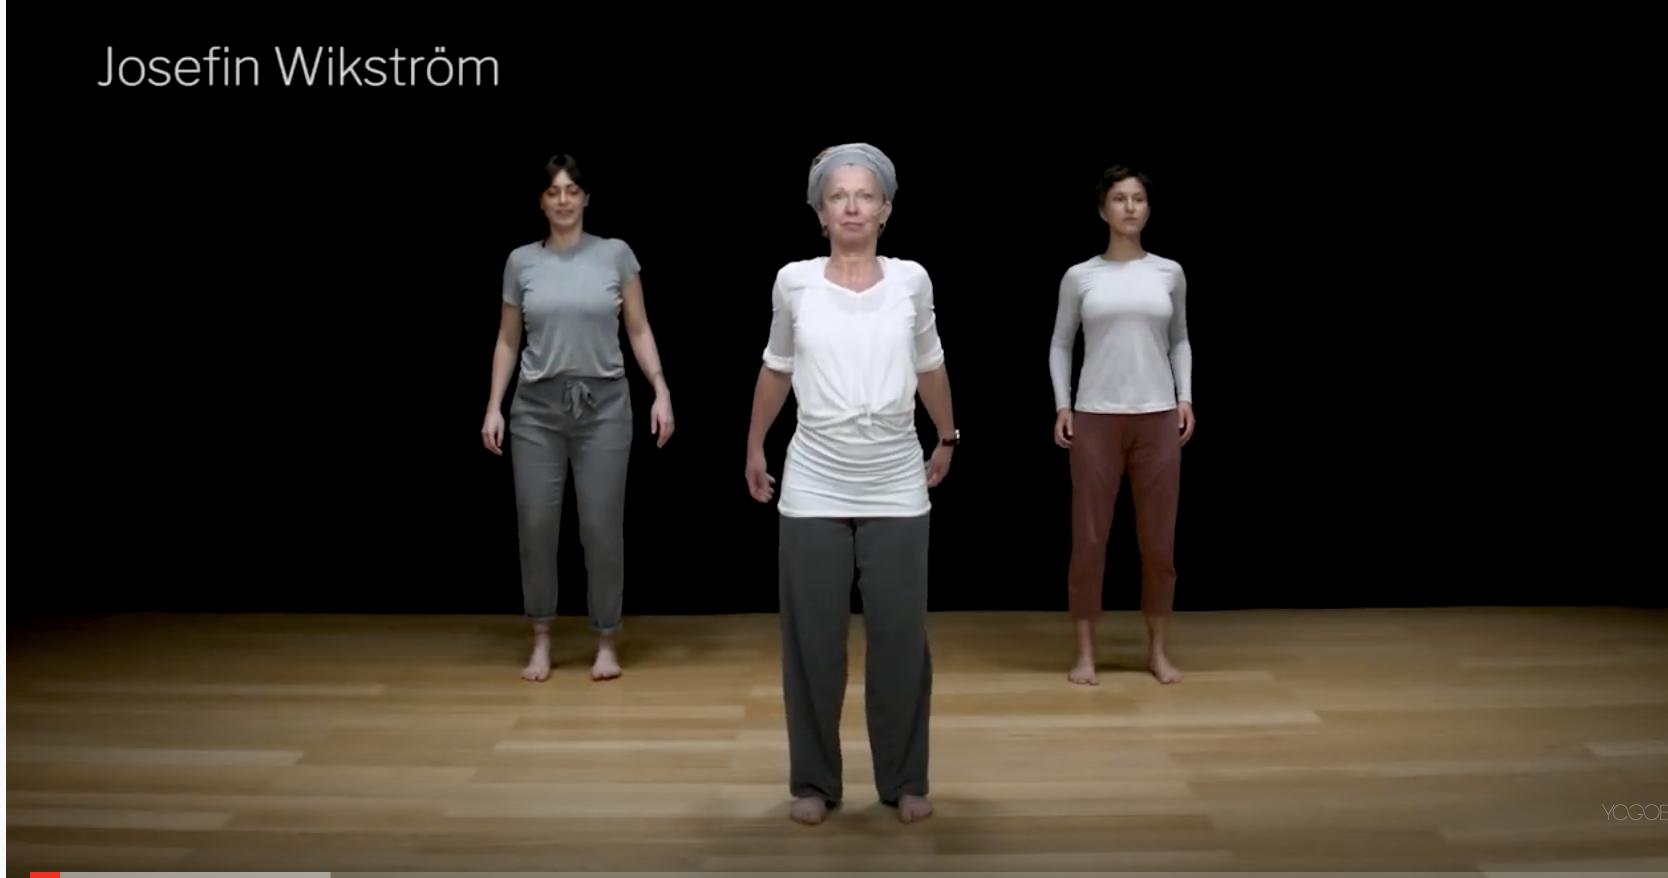 haptotherapie en yoga; ritme en beweging werkt goed bij herstel van trauma